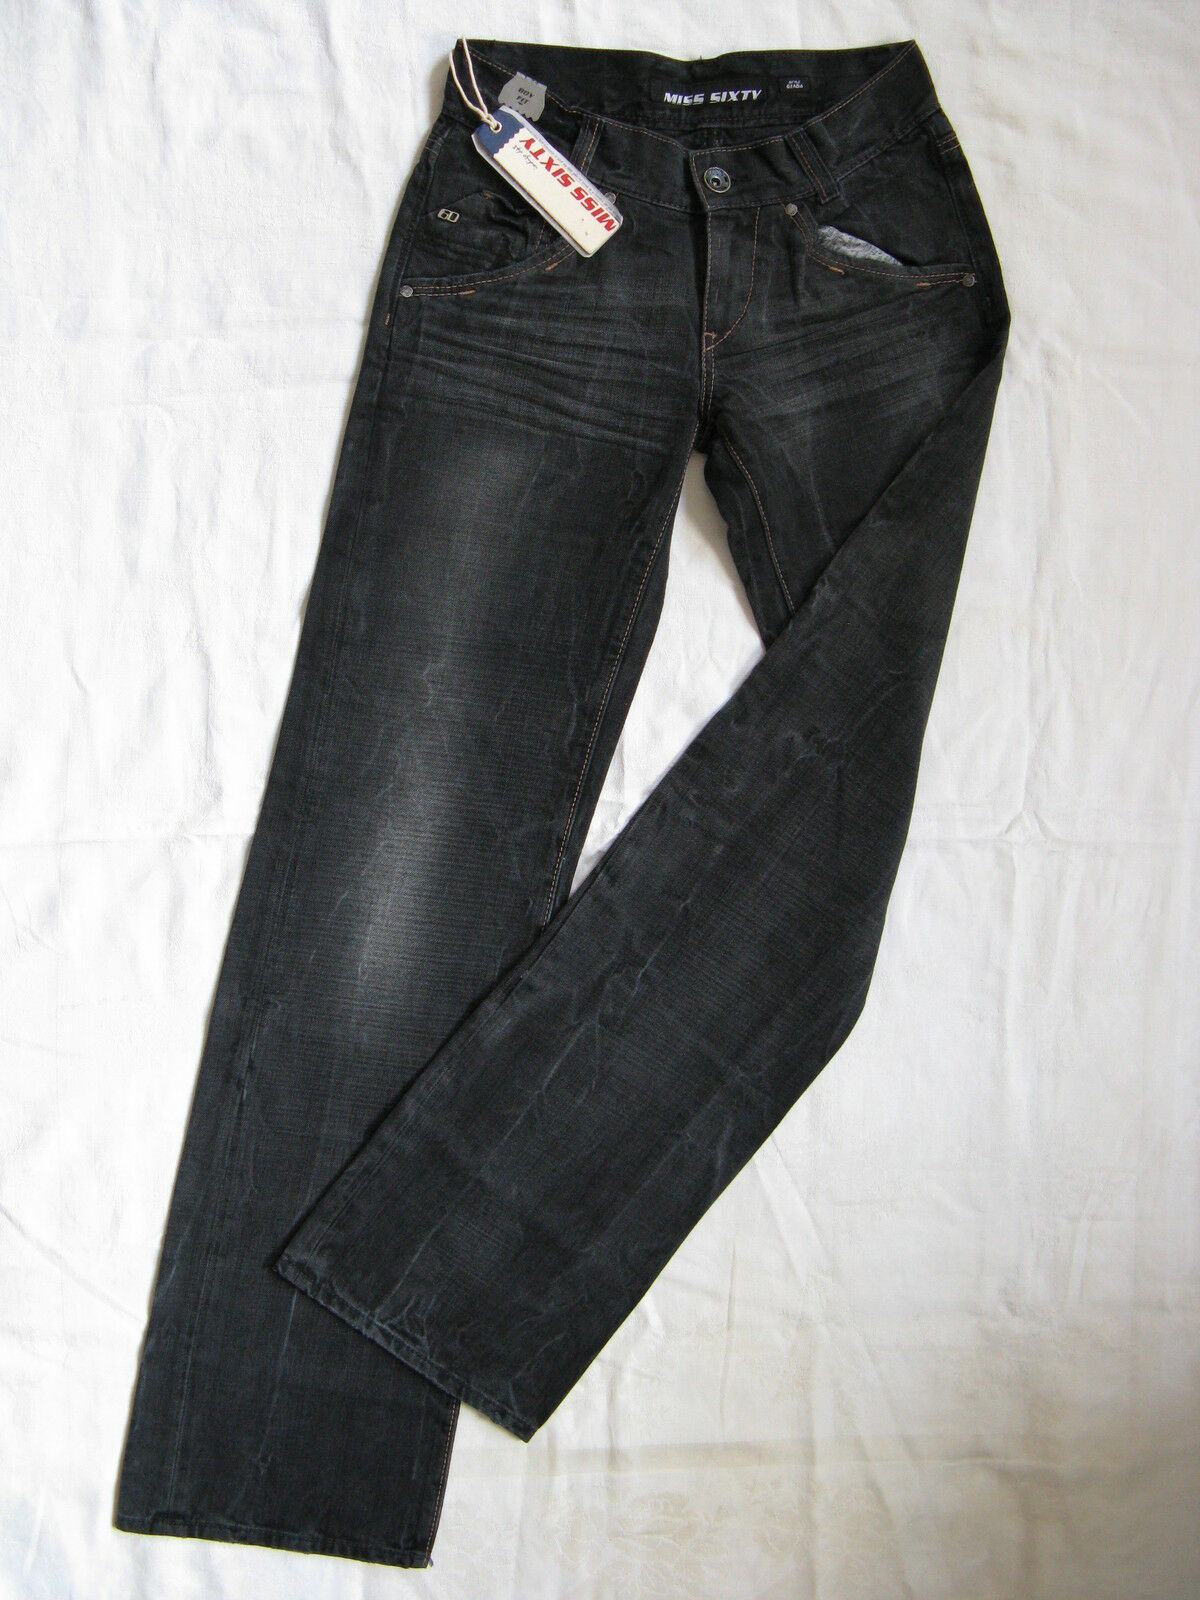 Miss Sixty Jeans Denim Marlene W27 L34 extra low waist regular fit straight leg